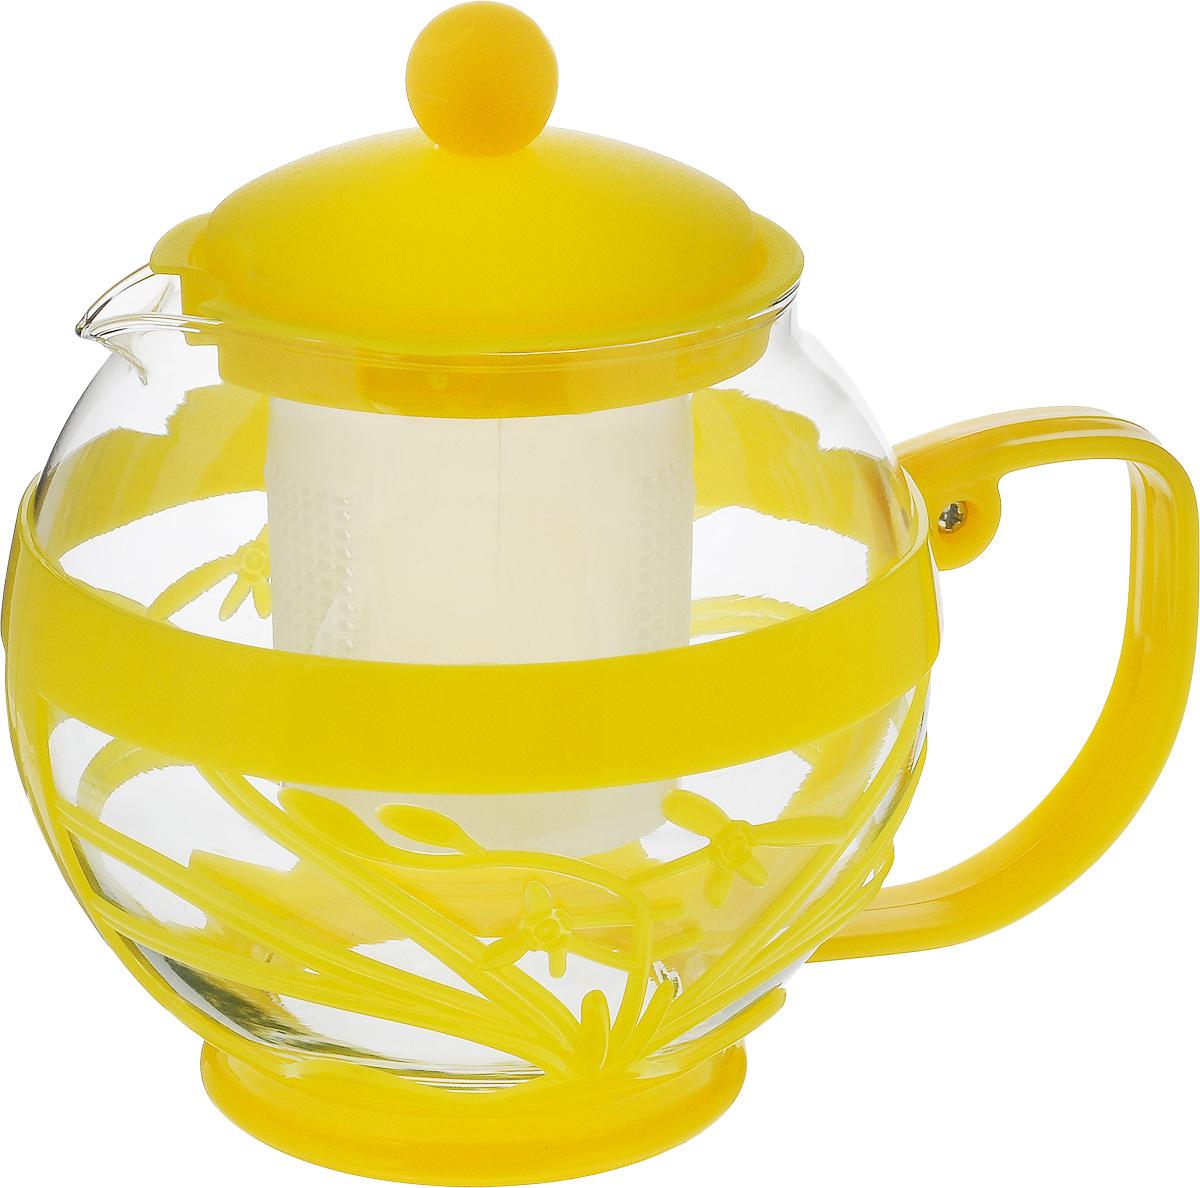 Чайник заварочный Wellberg Aqual, с фильтром, цвет: прозрачный, желтый, 800 мл361 WB_желтыйЗаварочный чайник Wellberg Aqual изготовлен из высококачественного пластика и жаропрочного стекла. Чайник имеет пластиковый фильтр и оснащен удобной ручкой. Он прекрасно подойдет для заваривания чая и травяных напитков. Такой заварочный чайник займет достойное место на вашей кухне.Высота чайника (без учета крышки): 11,5 см.Высота чайника (с учетом крышки): 14 см. Диаметр (по верхнему краю) 7 см.